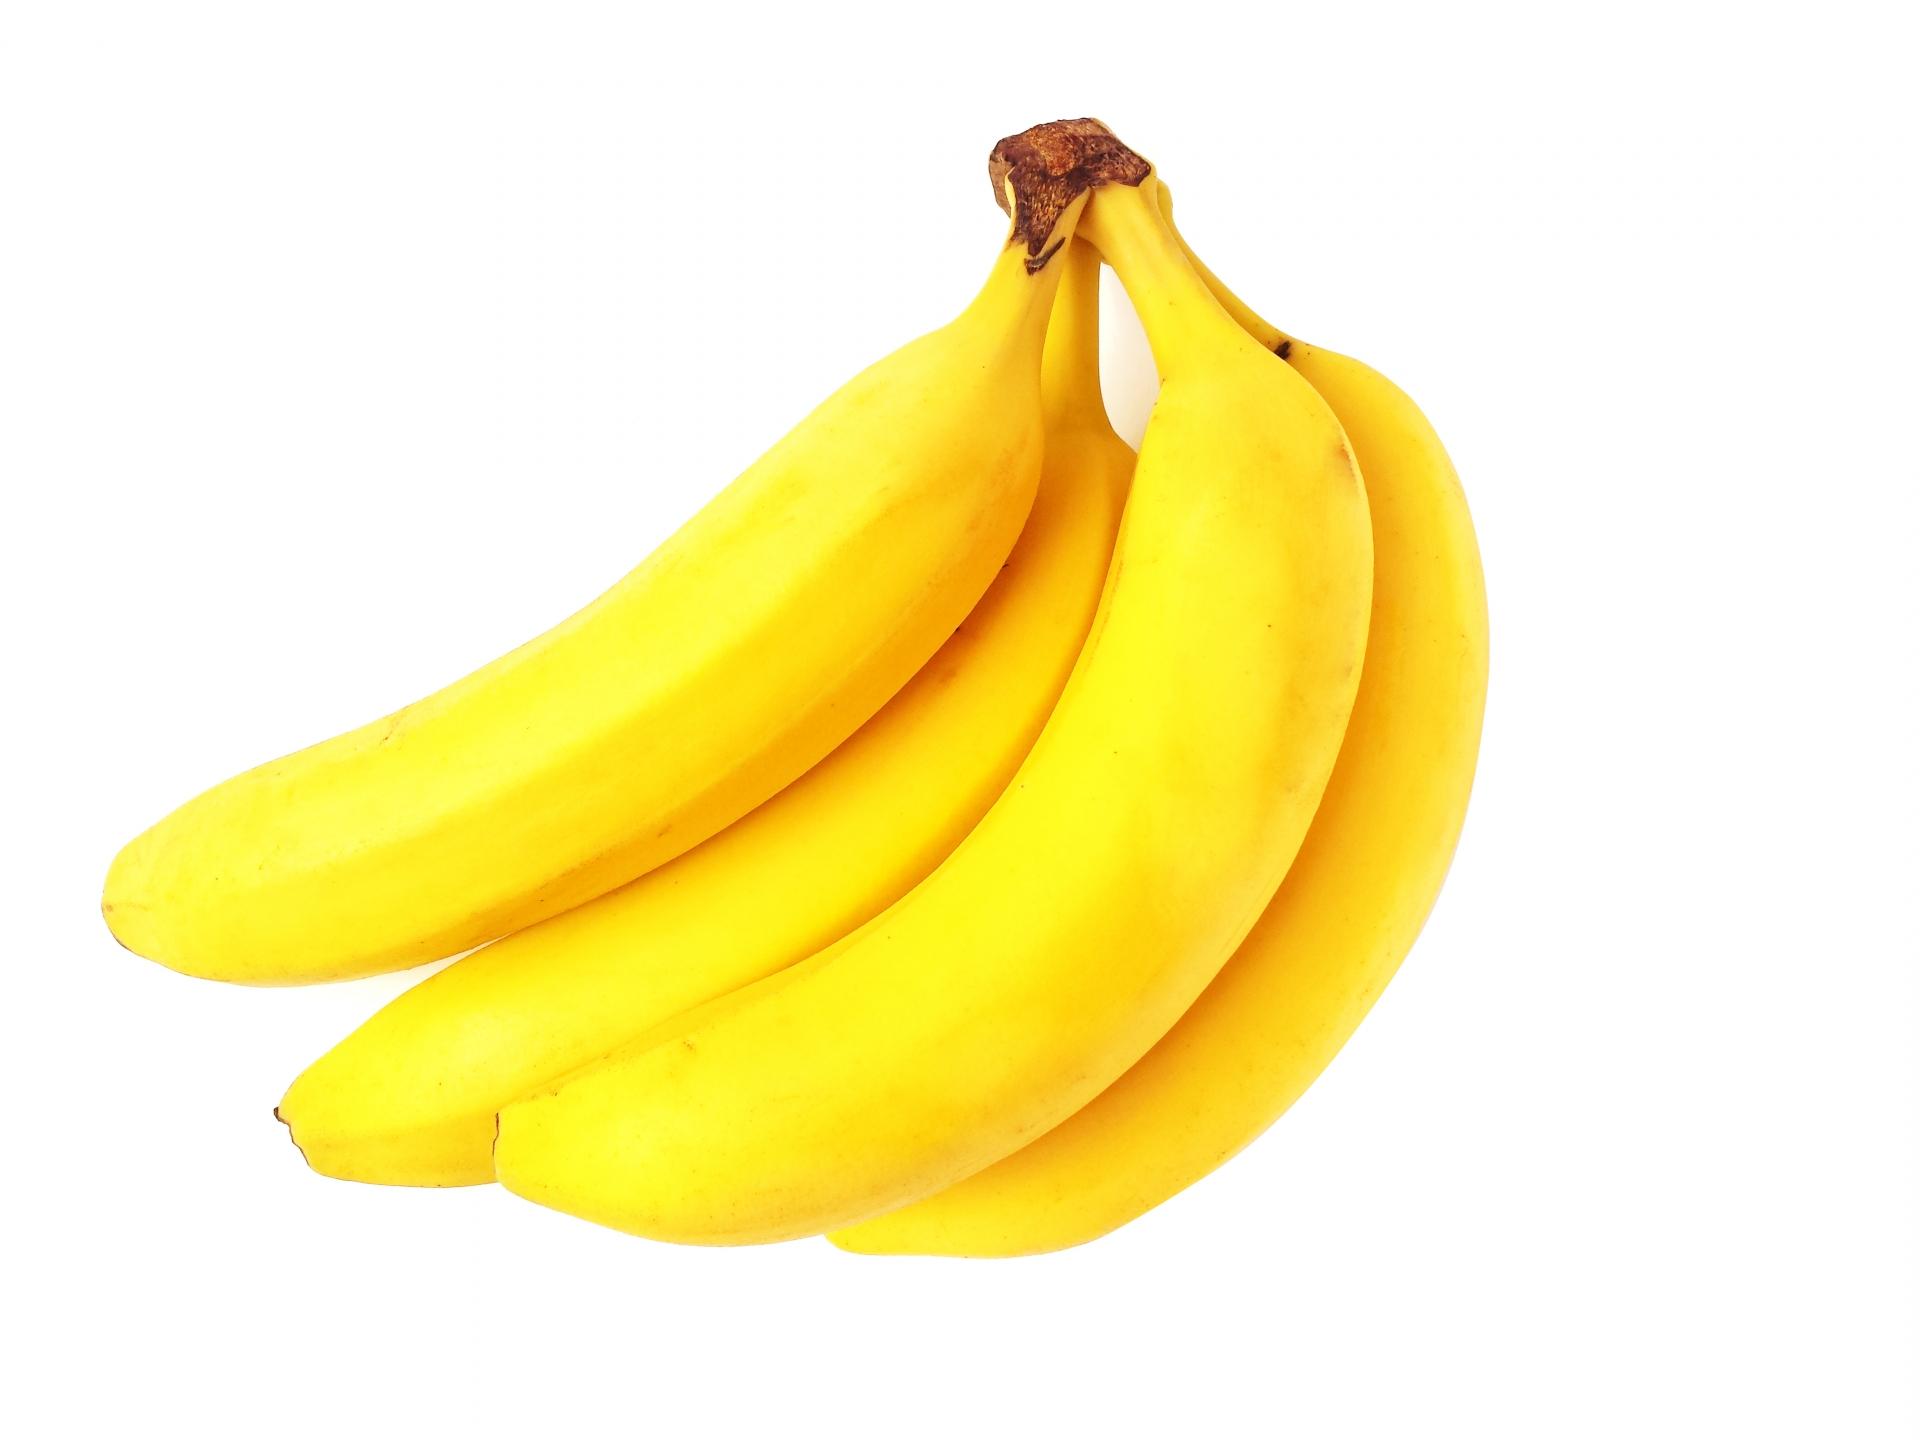 抜け毛・薄毛に効く果物まとめ!バナナやキウイの育毛・発毛効果とは